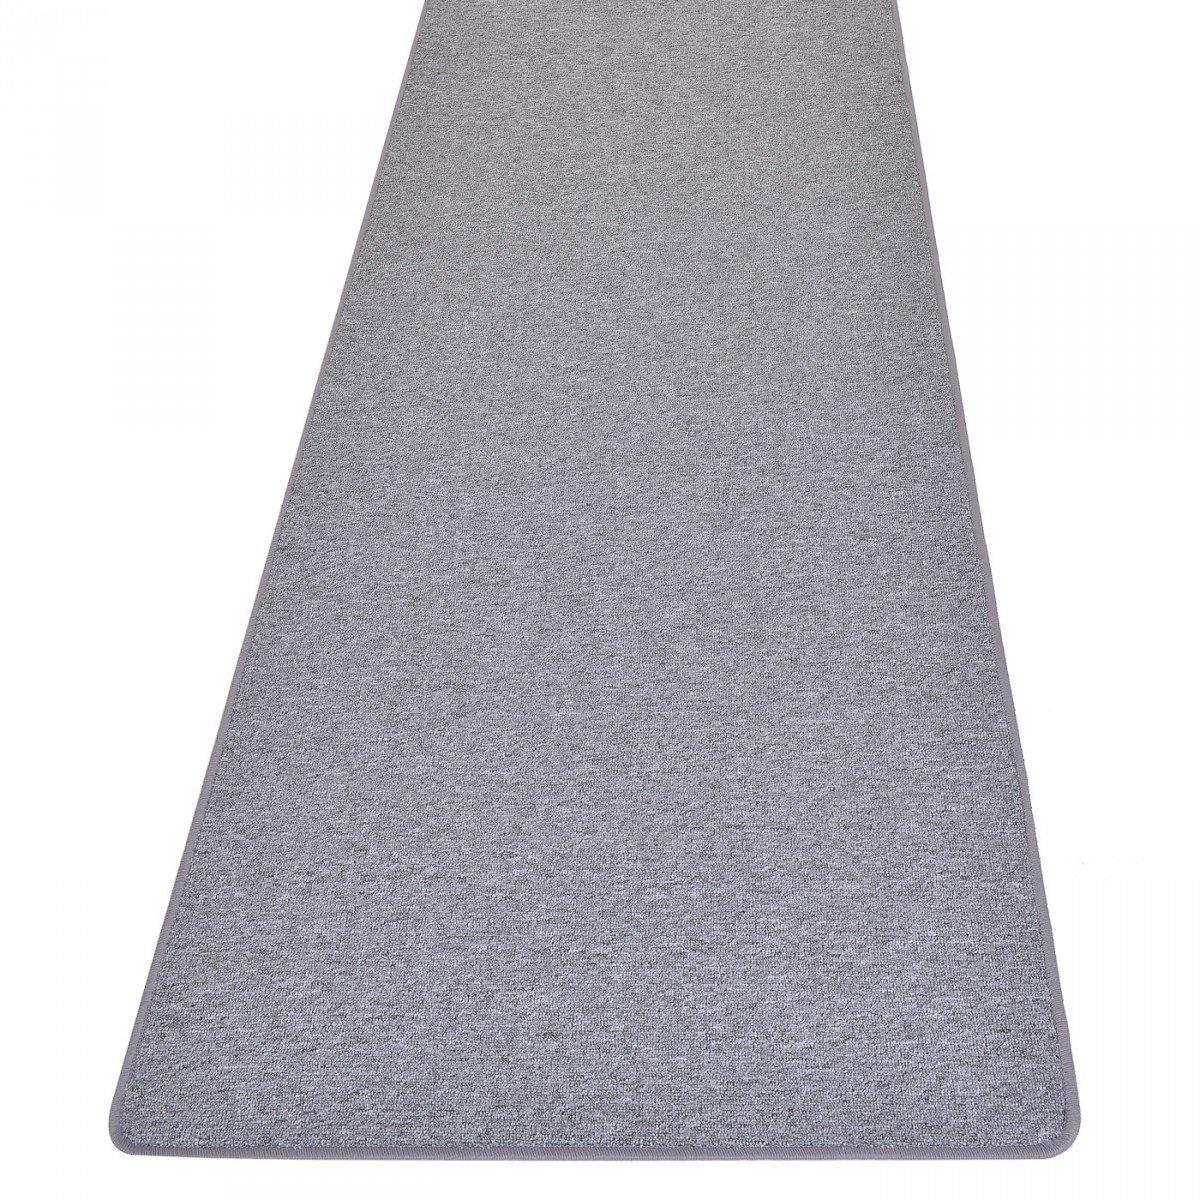 Havatex Schlingen Teppich Läufer Torronto - Prüfsiegel  Blauer Engel   schadstoffgeprüft und pflegeleicht   robust strapazierfähig   Flur Diele Eingang Schlafzimmer, Farbe Grau, Größe 67 x 450 cm